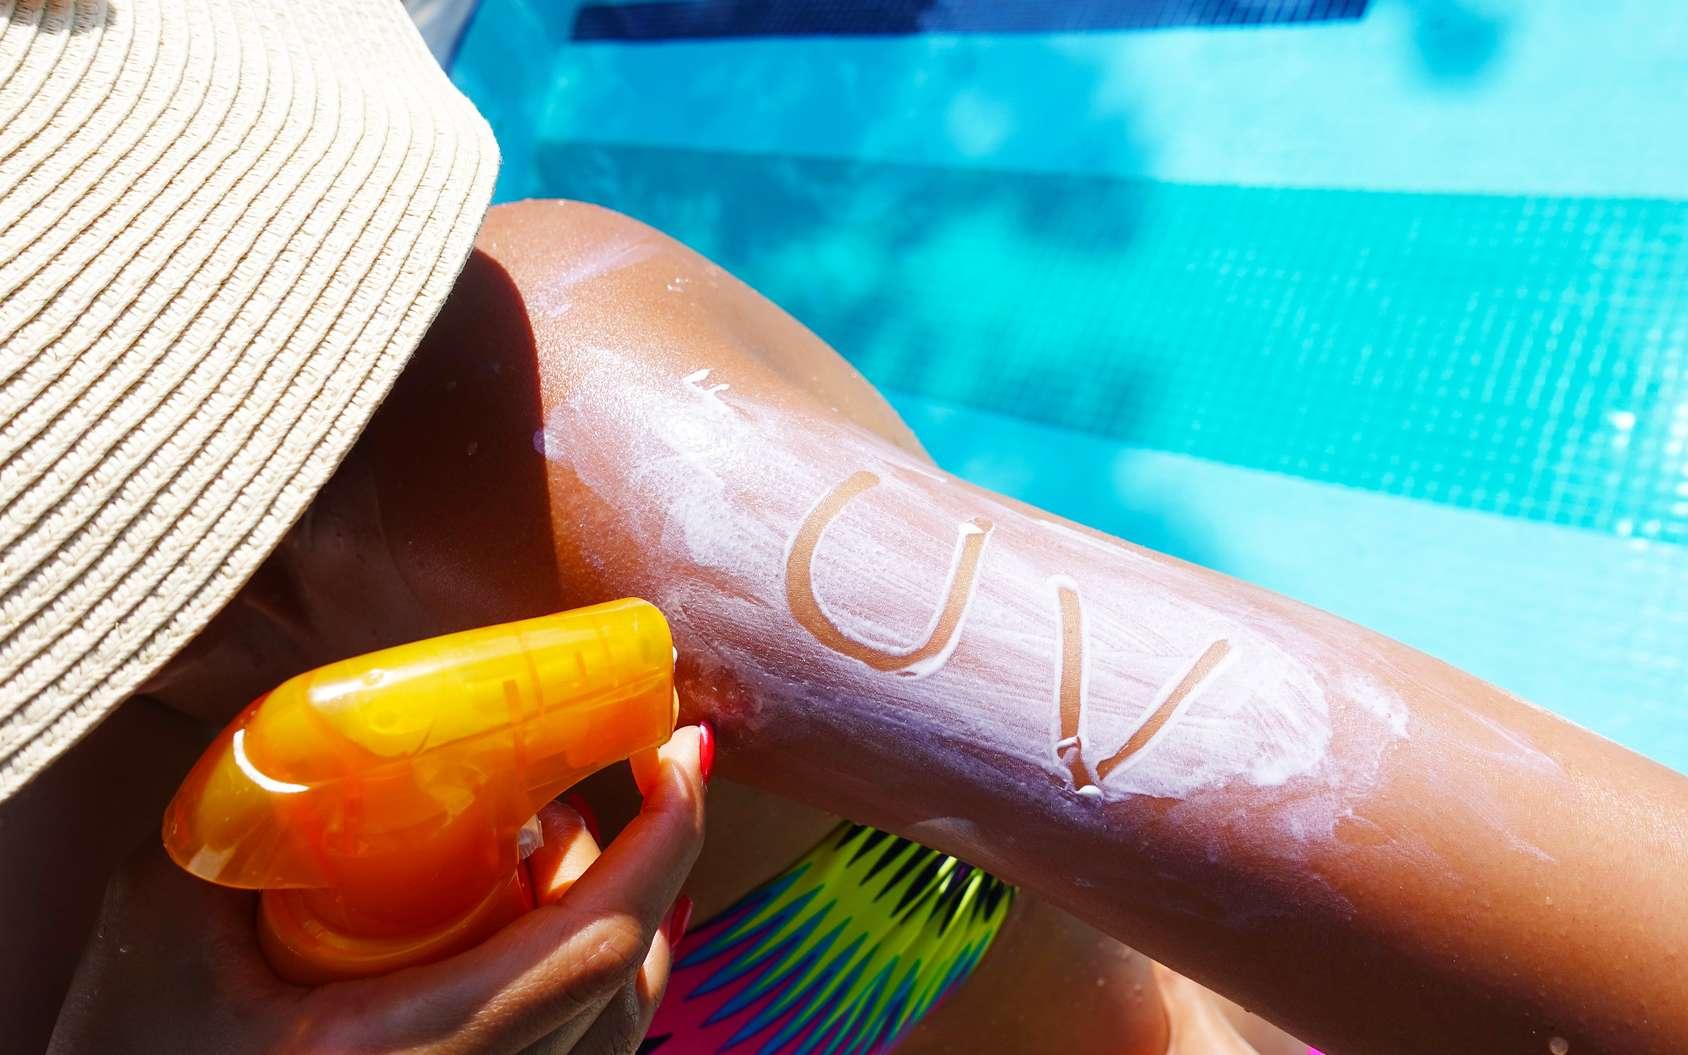 Quelle crème solaire choisir ? © adrian_ilie825, fotolia